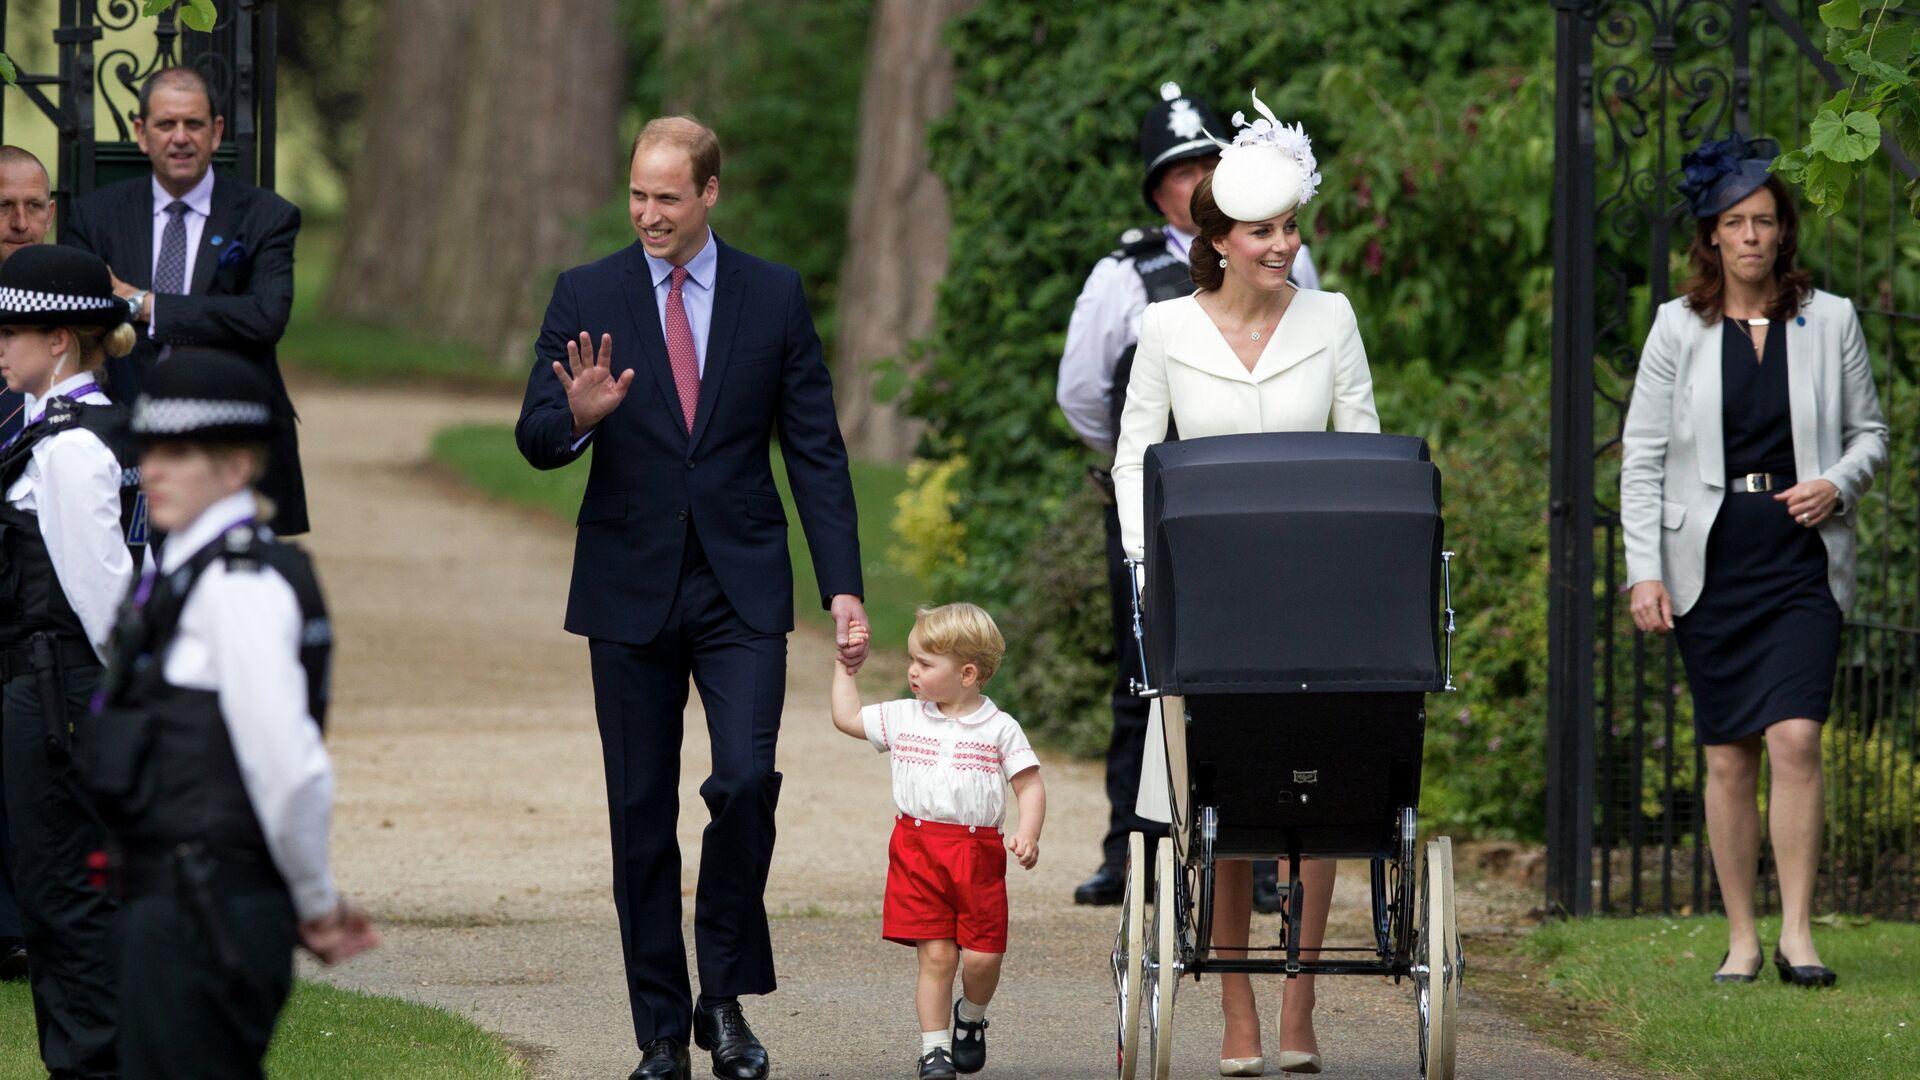 Герцог и герцогиня Кембриджские Уильям и Кэтрин с принцессой Шарлоттой возле церкви Святой Марии Магдалины после крещения - РИА Новости, 1920, 03.11.2020